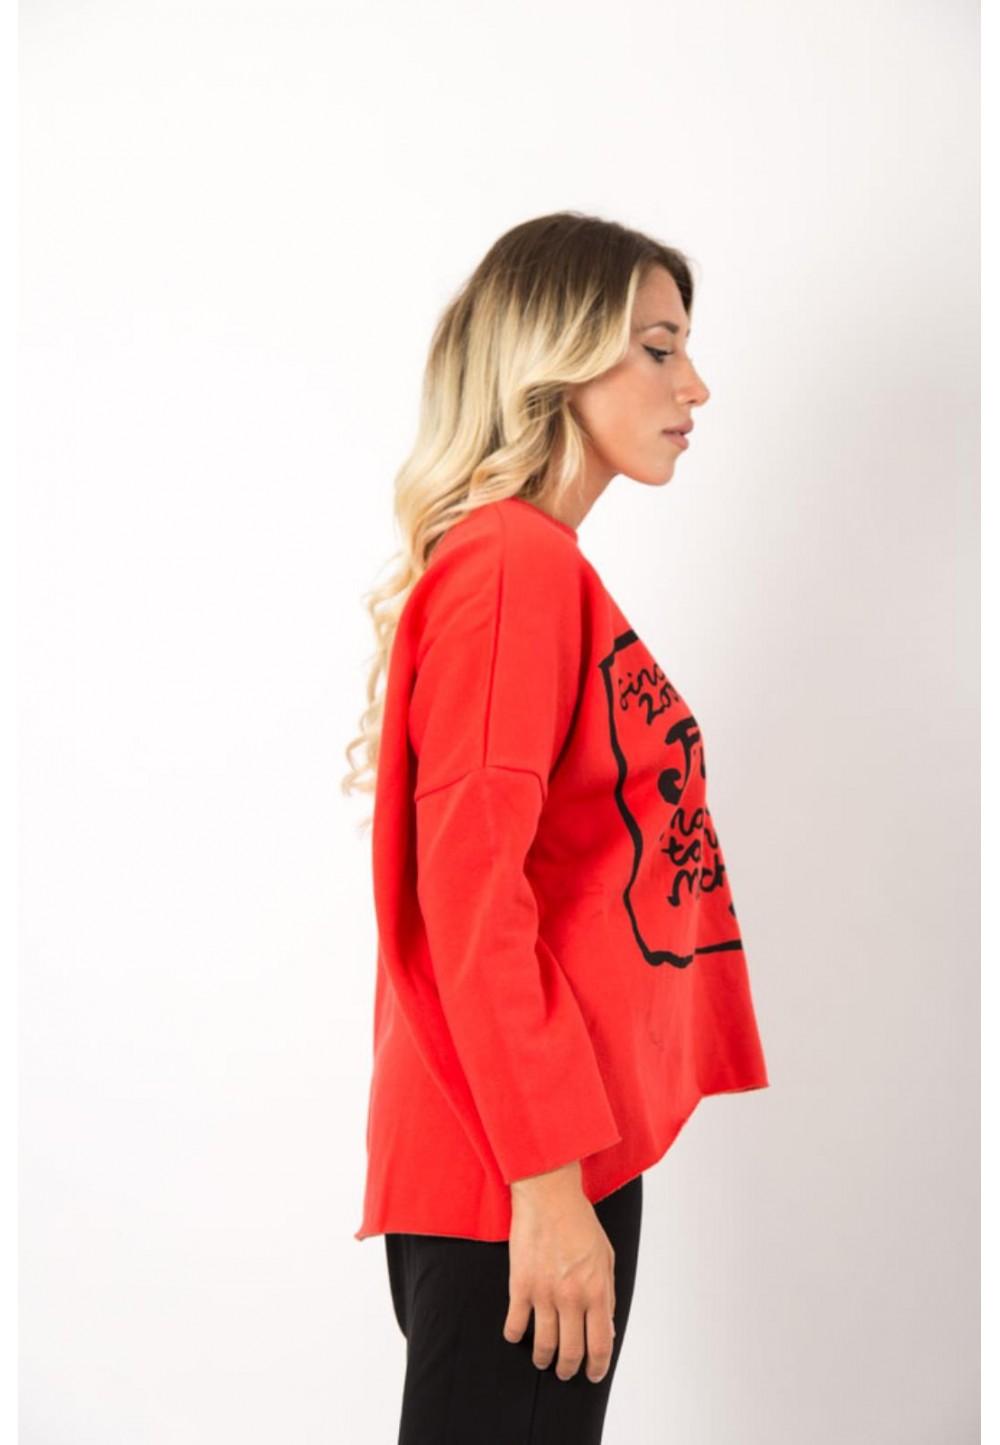 Красный свитер с принтом